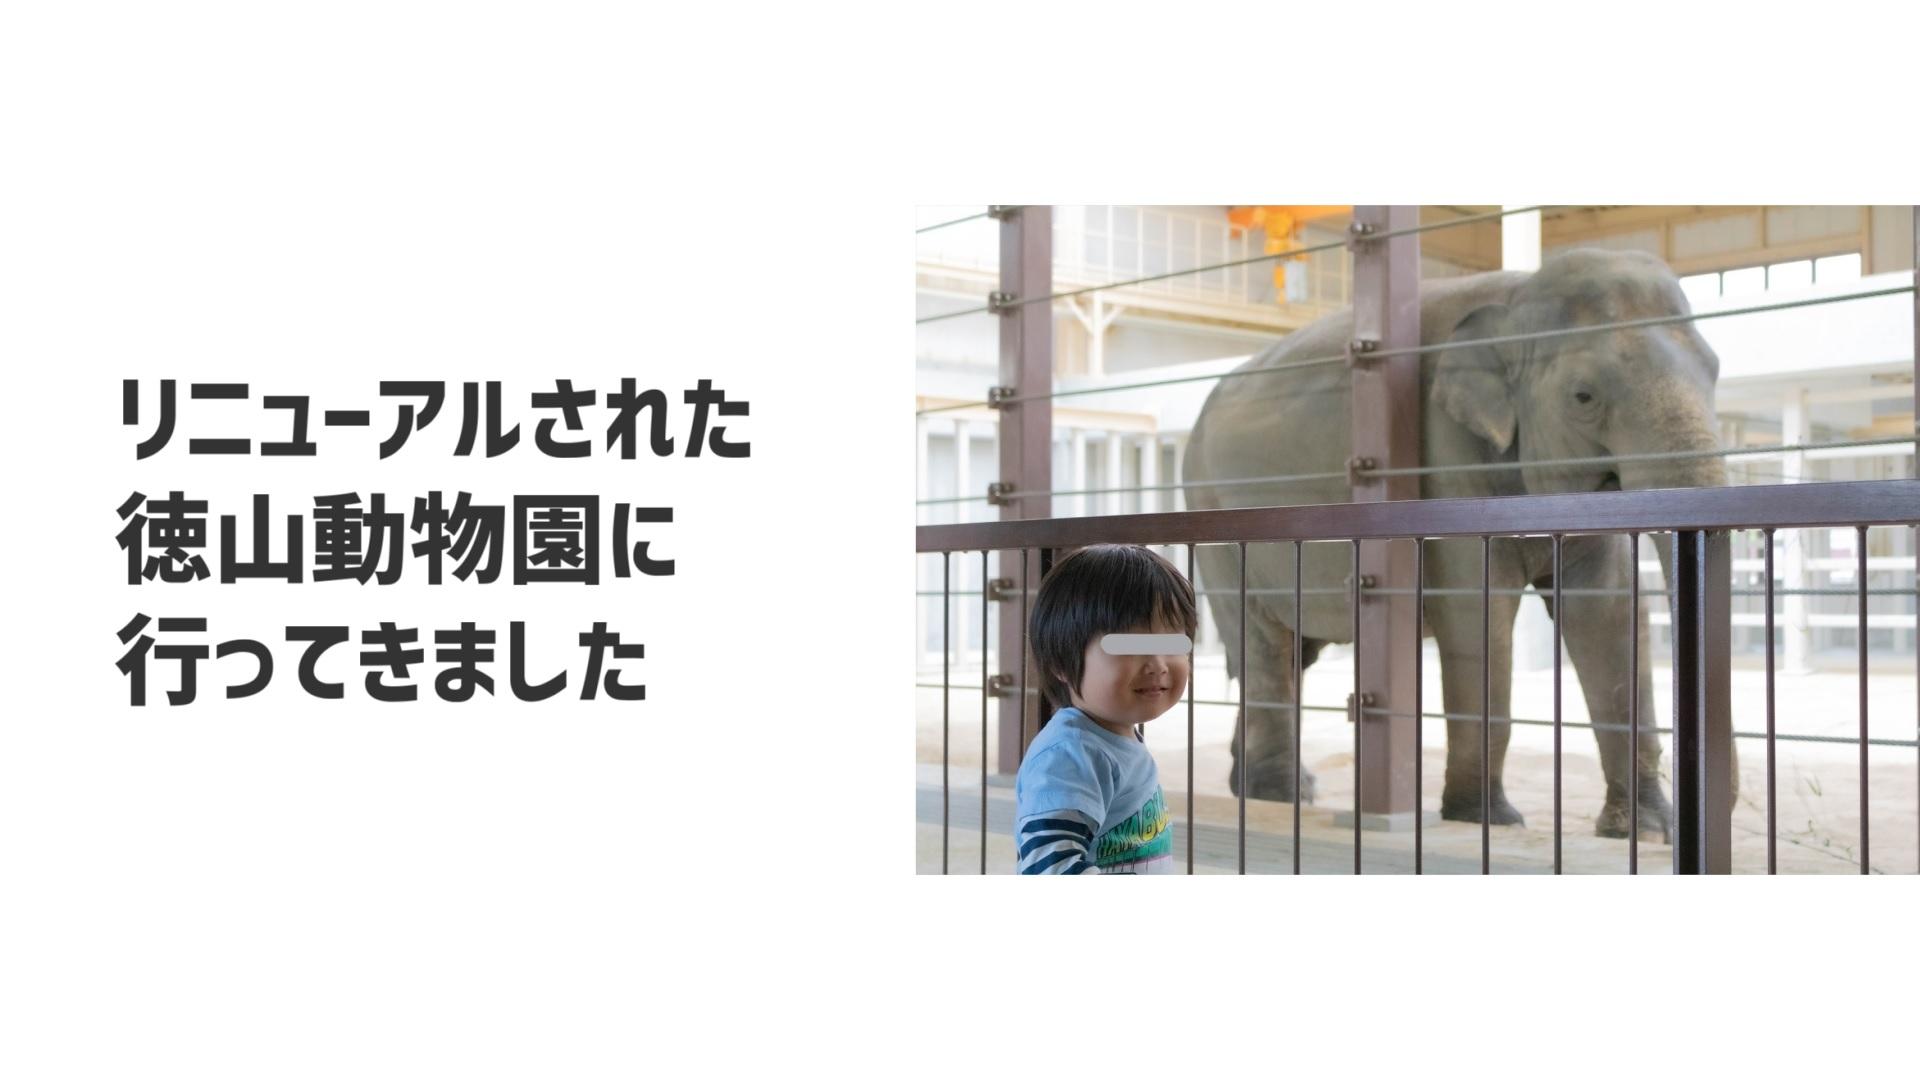 徳山動物園がリニューアル!ゾウ舎も新しくなりました!